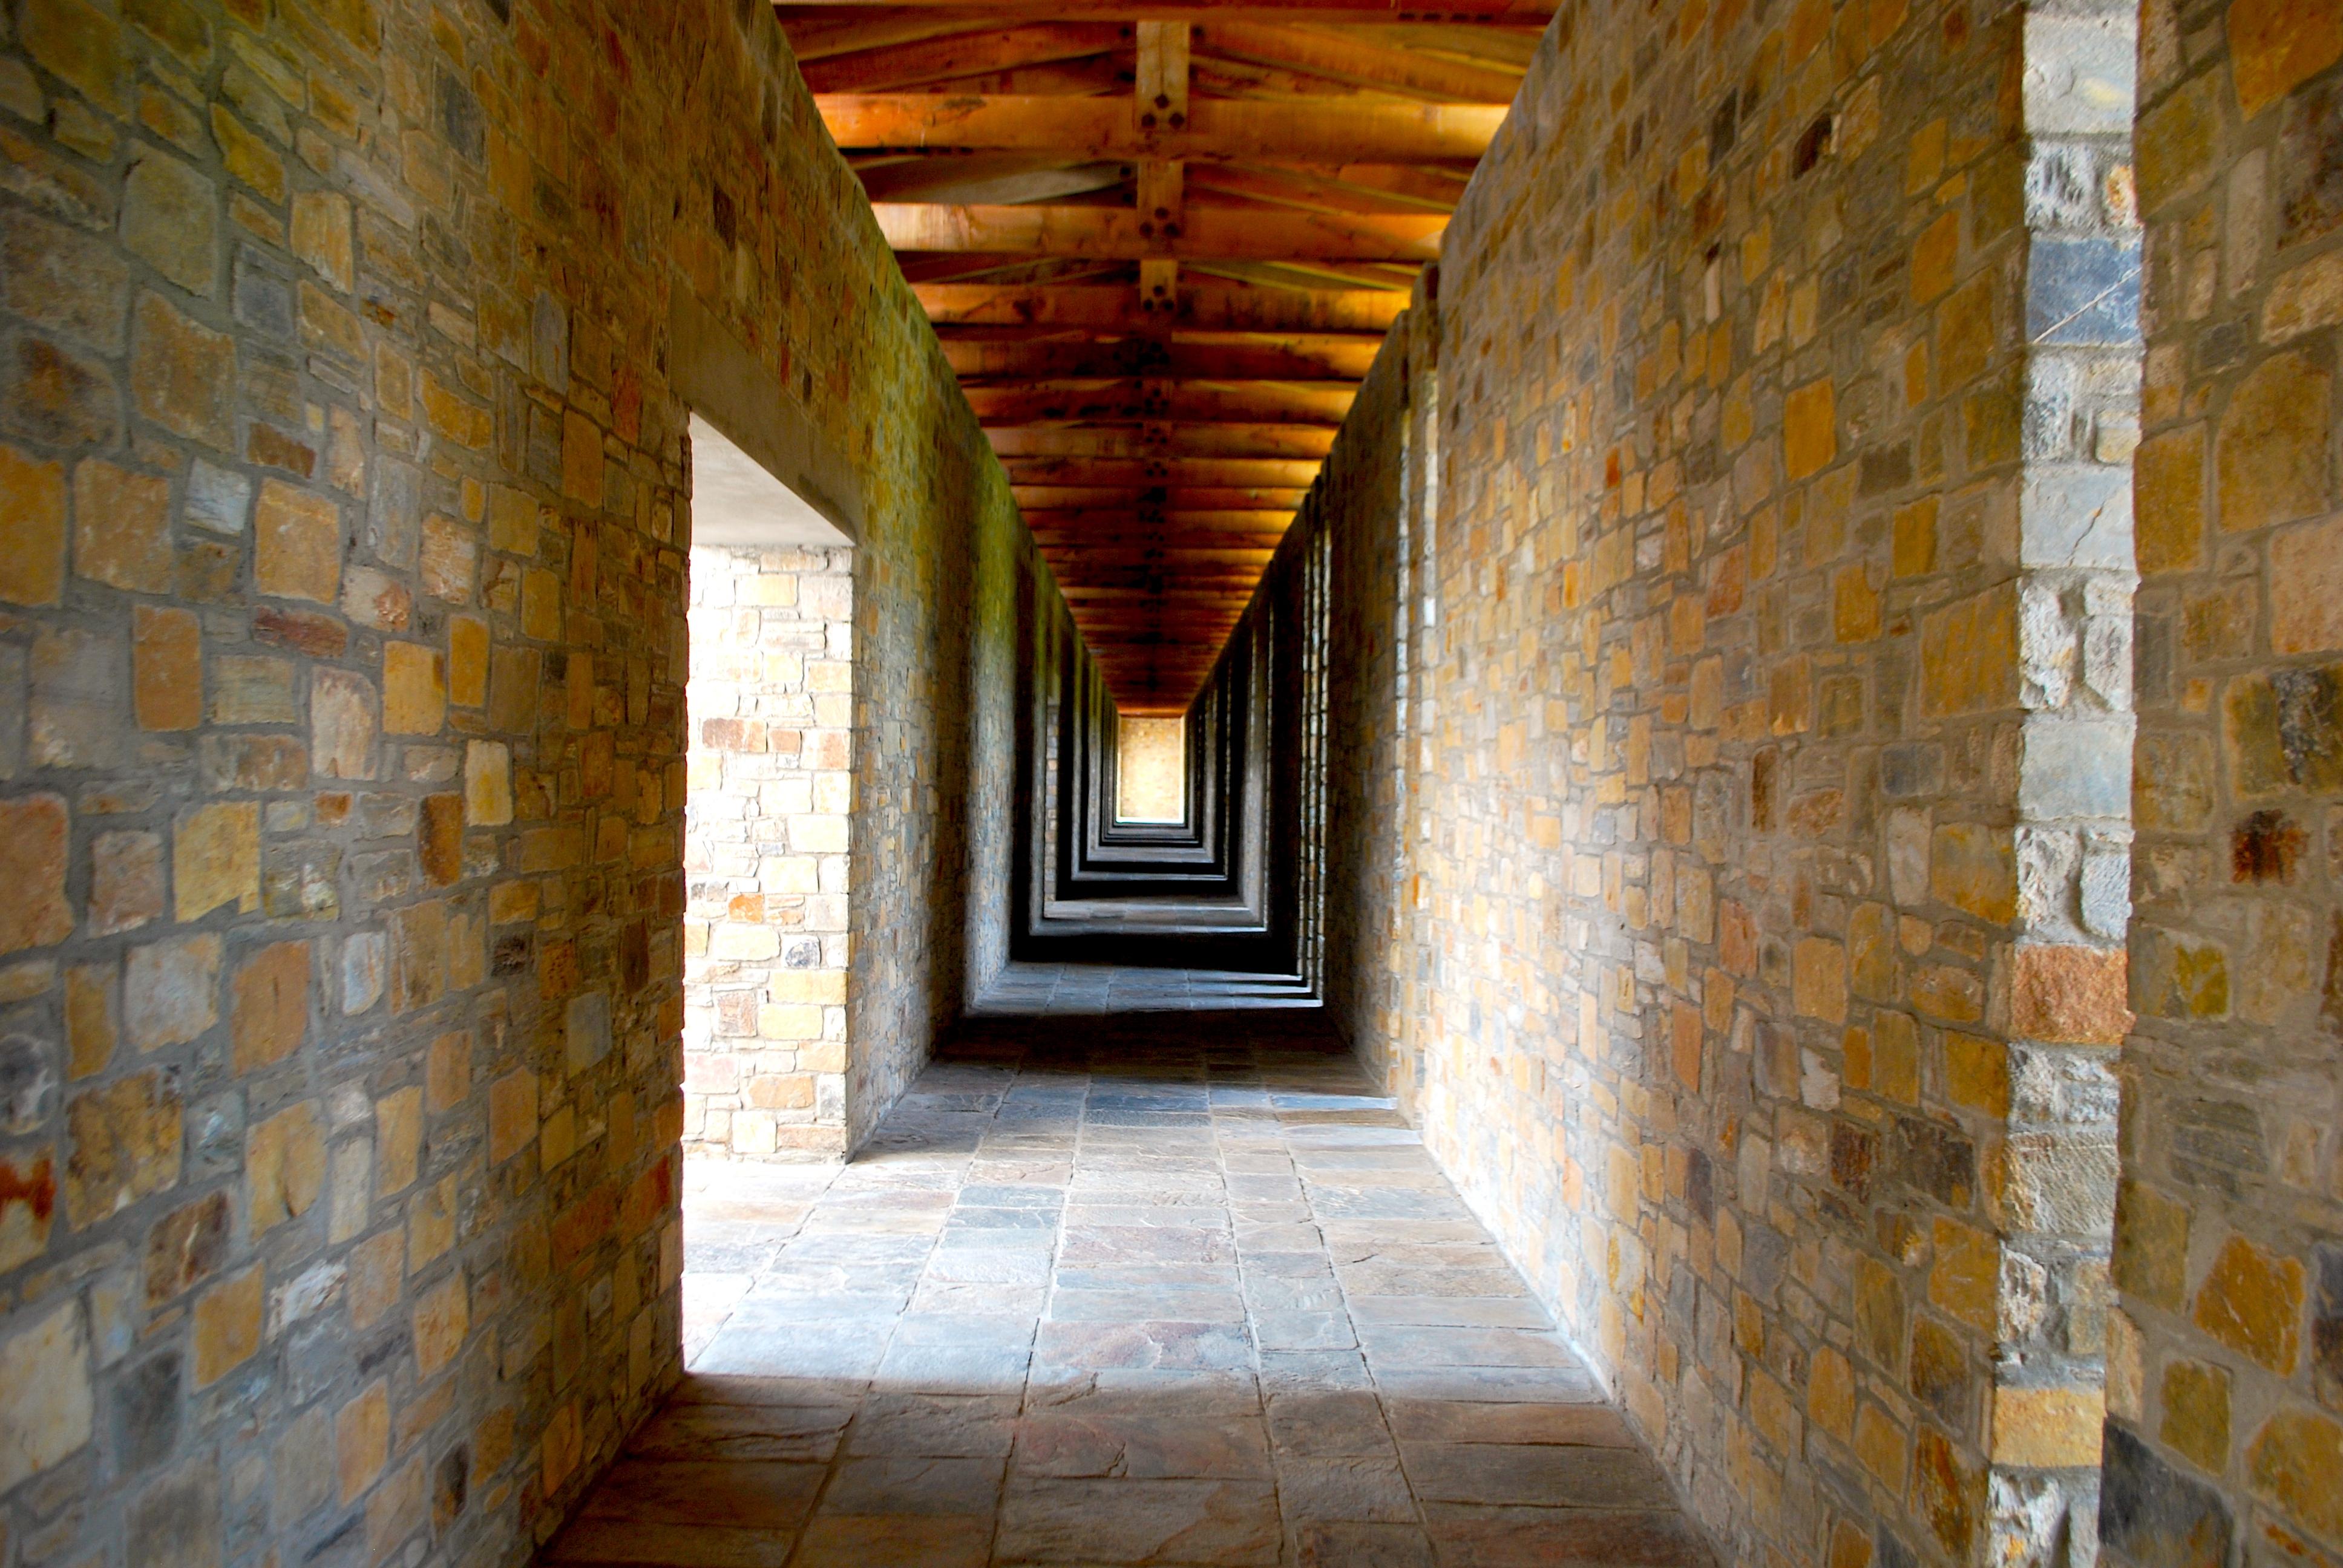 Área de circulação interna do hotel reflete conceito de privacidade + exclusividade usufruído pelo hóspede